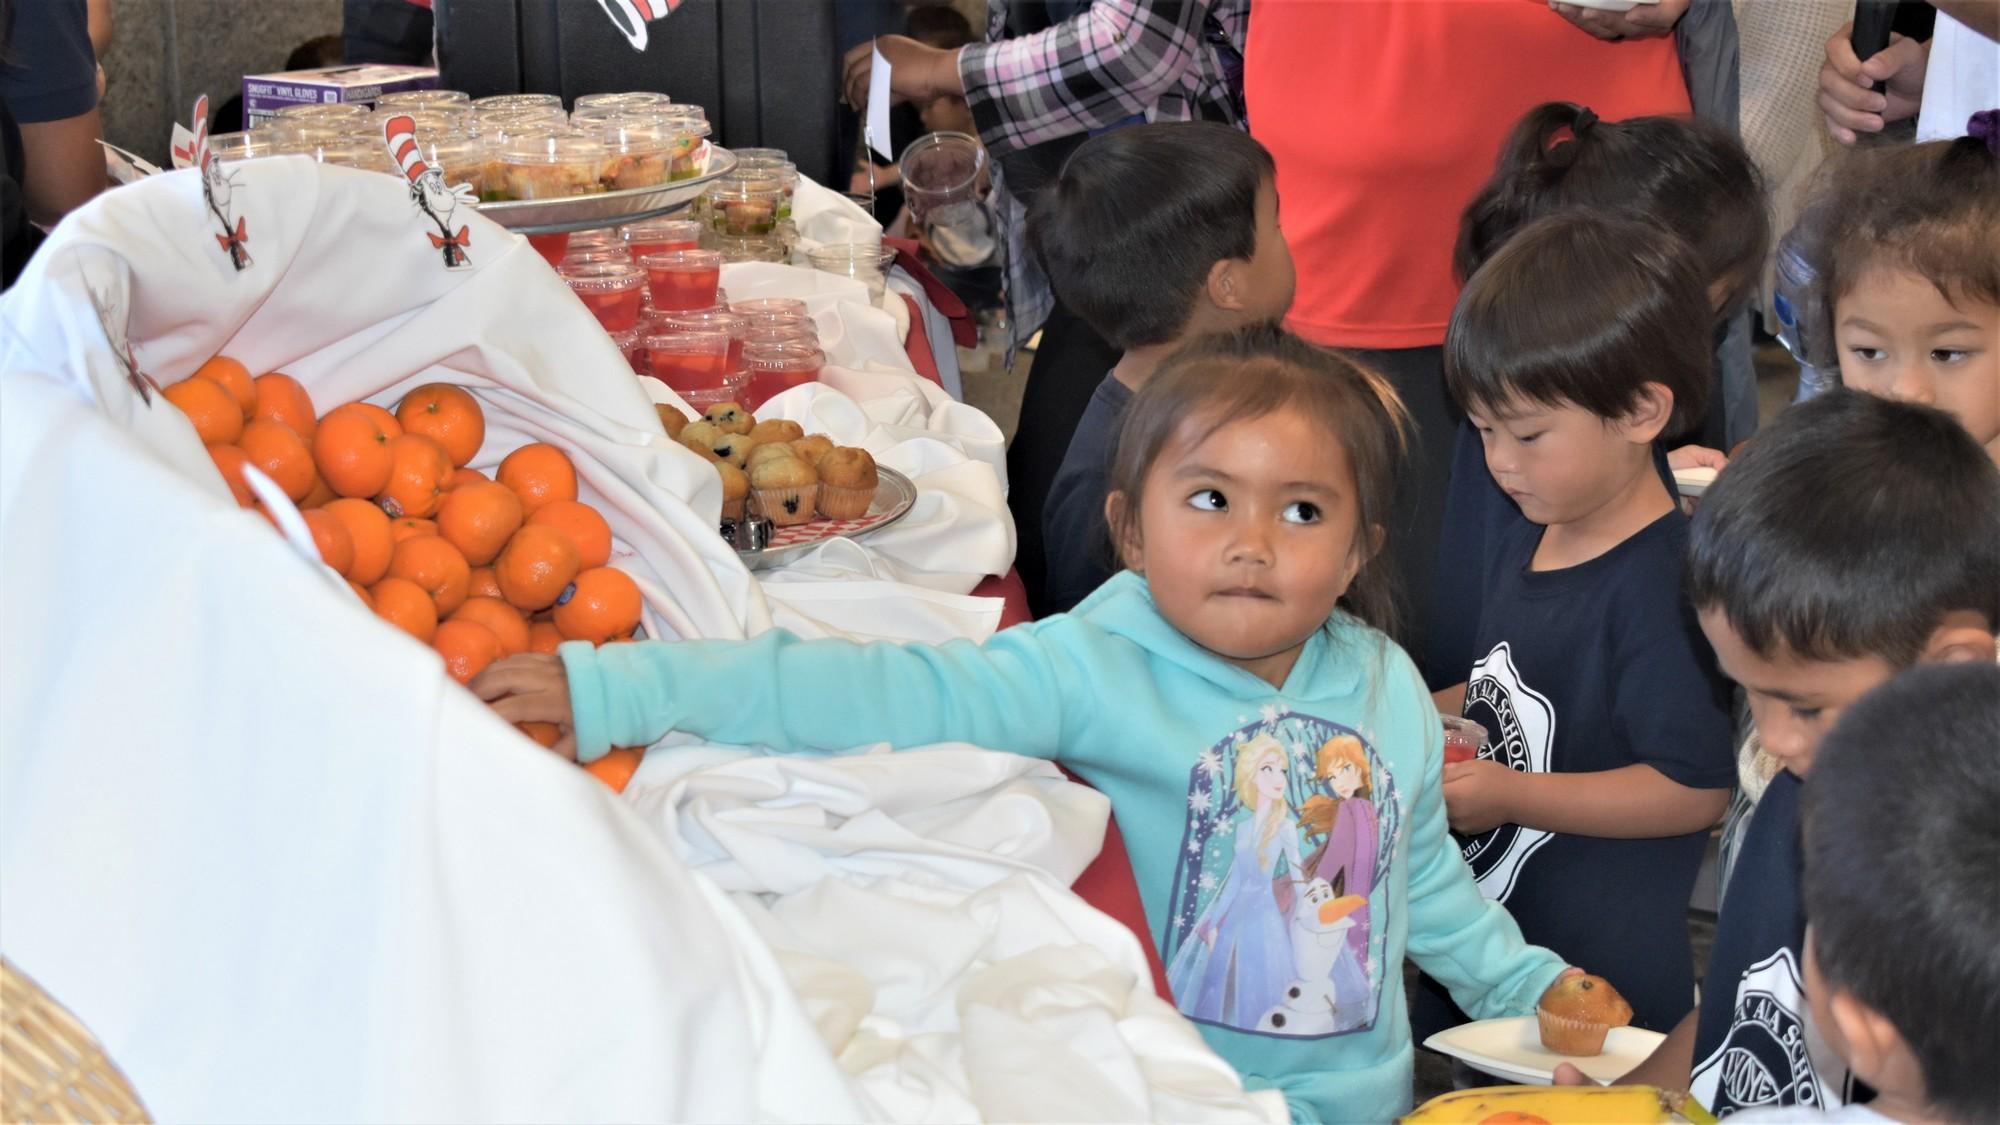 Schoolgirl reaches for orange in basket.